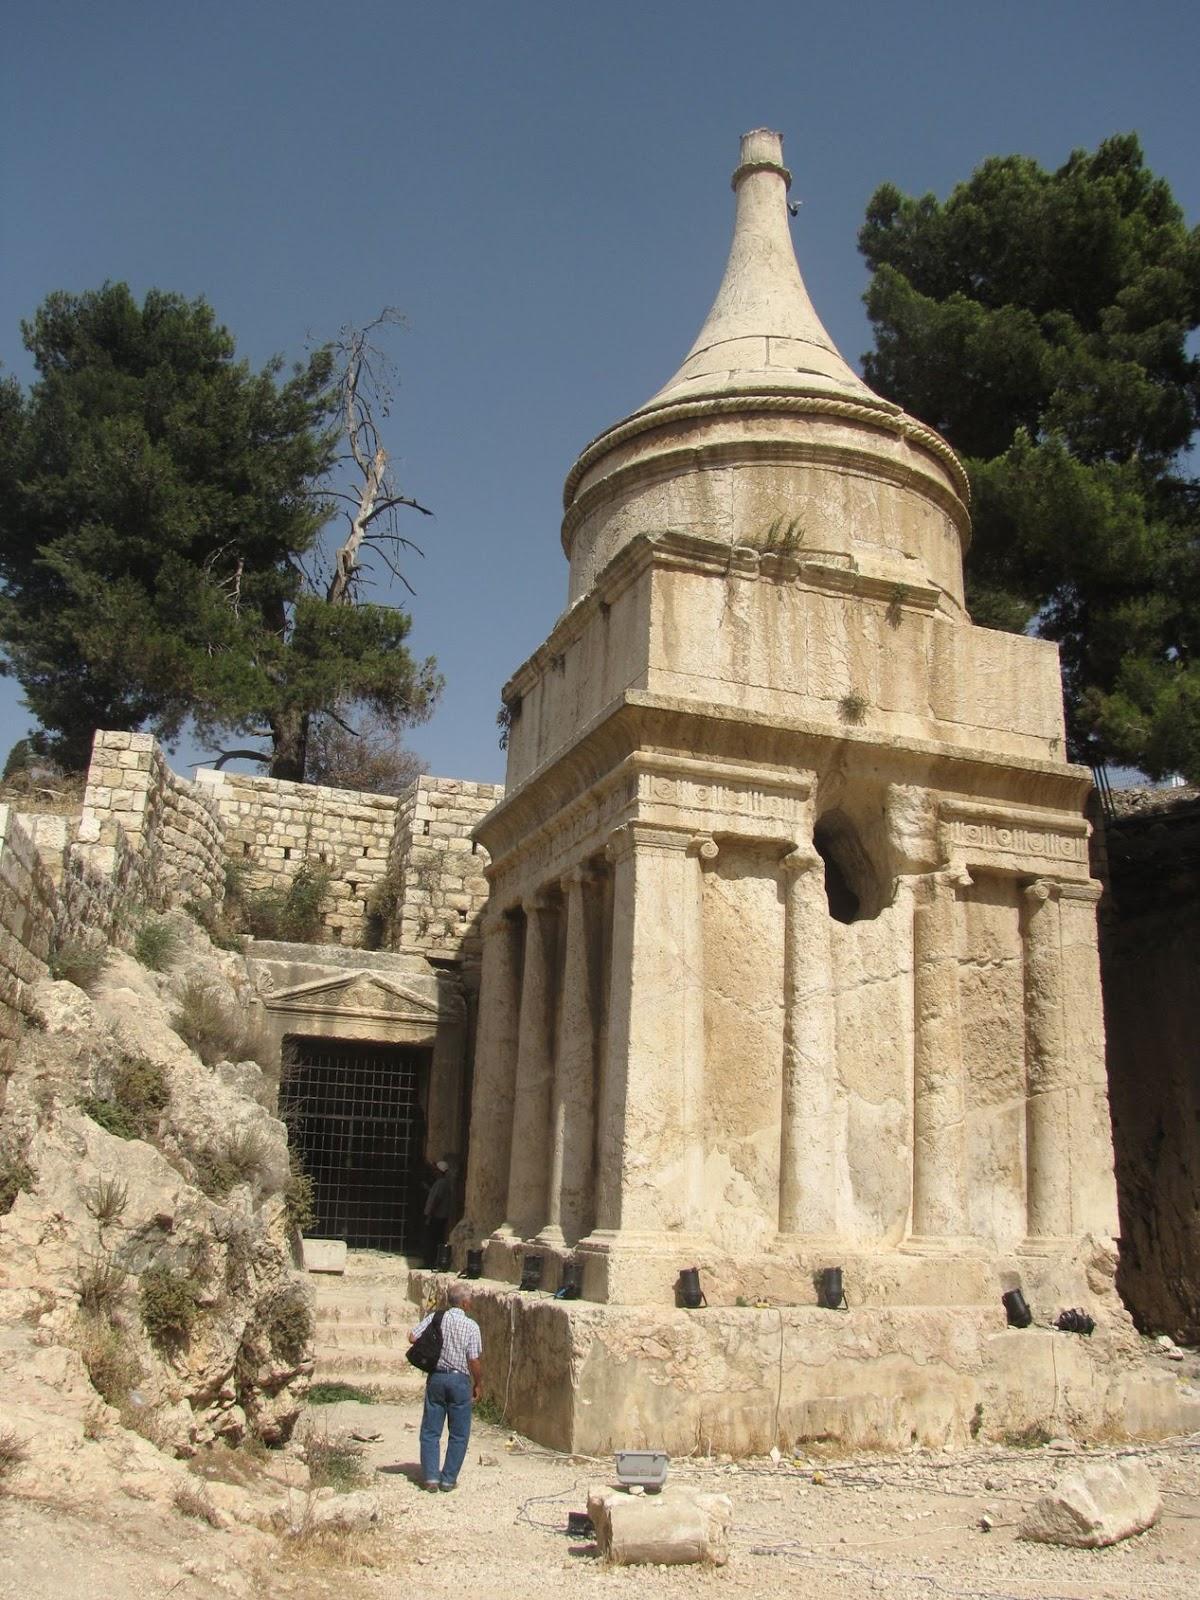 Israel, Jerusalén - Tumba de Absalom en el Valle del Cedrón